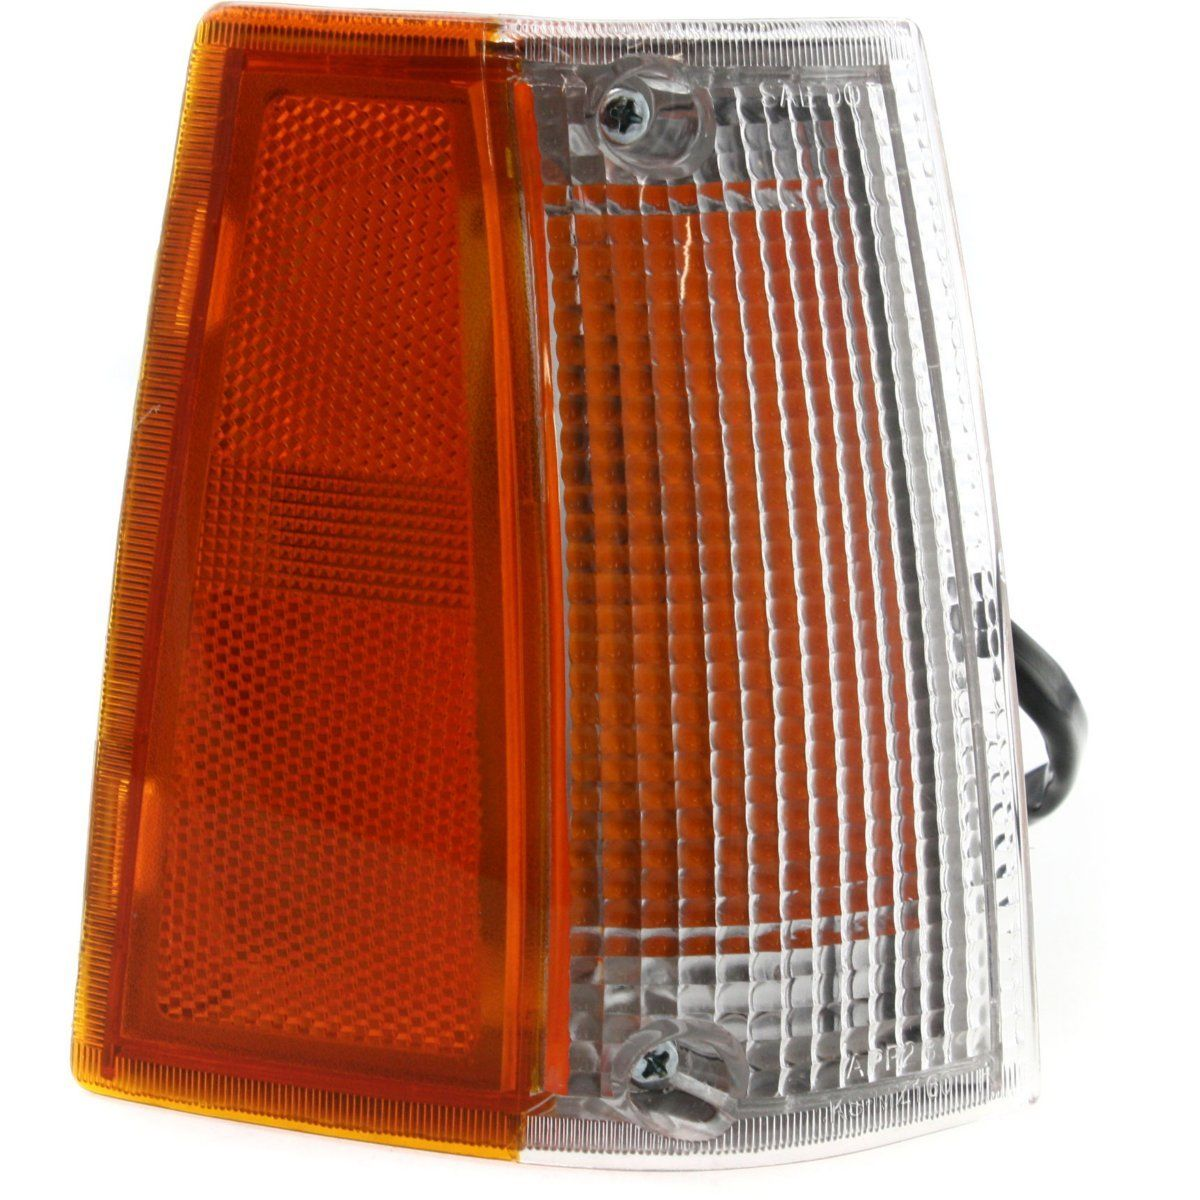 コーナーライト Corner Light For 86-87 Mazda B2000 87-93 B2600 Passenger Incandescent w/ Bulb コーナーライト86-87マツダB2000 87-93 B2600乗客白熱電球